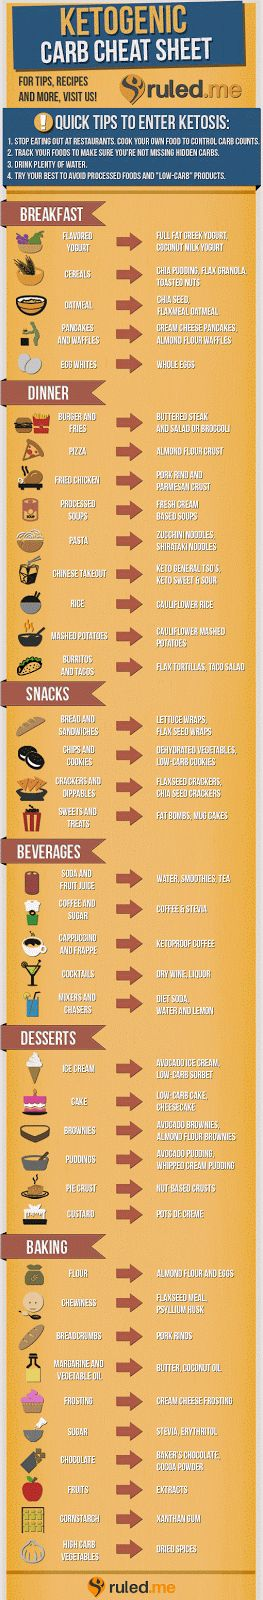 Boszorkánykonyha: Ketogén étrend: amit ne egyél